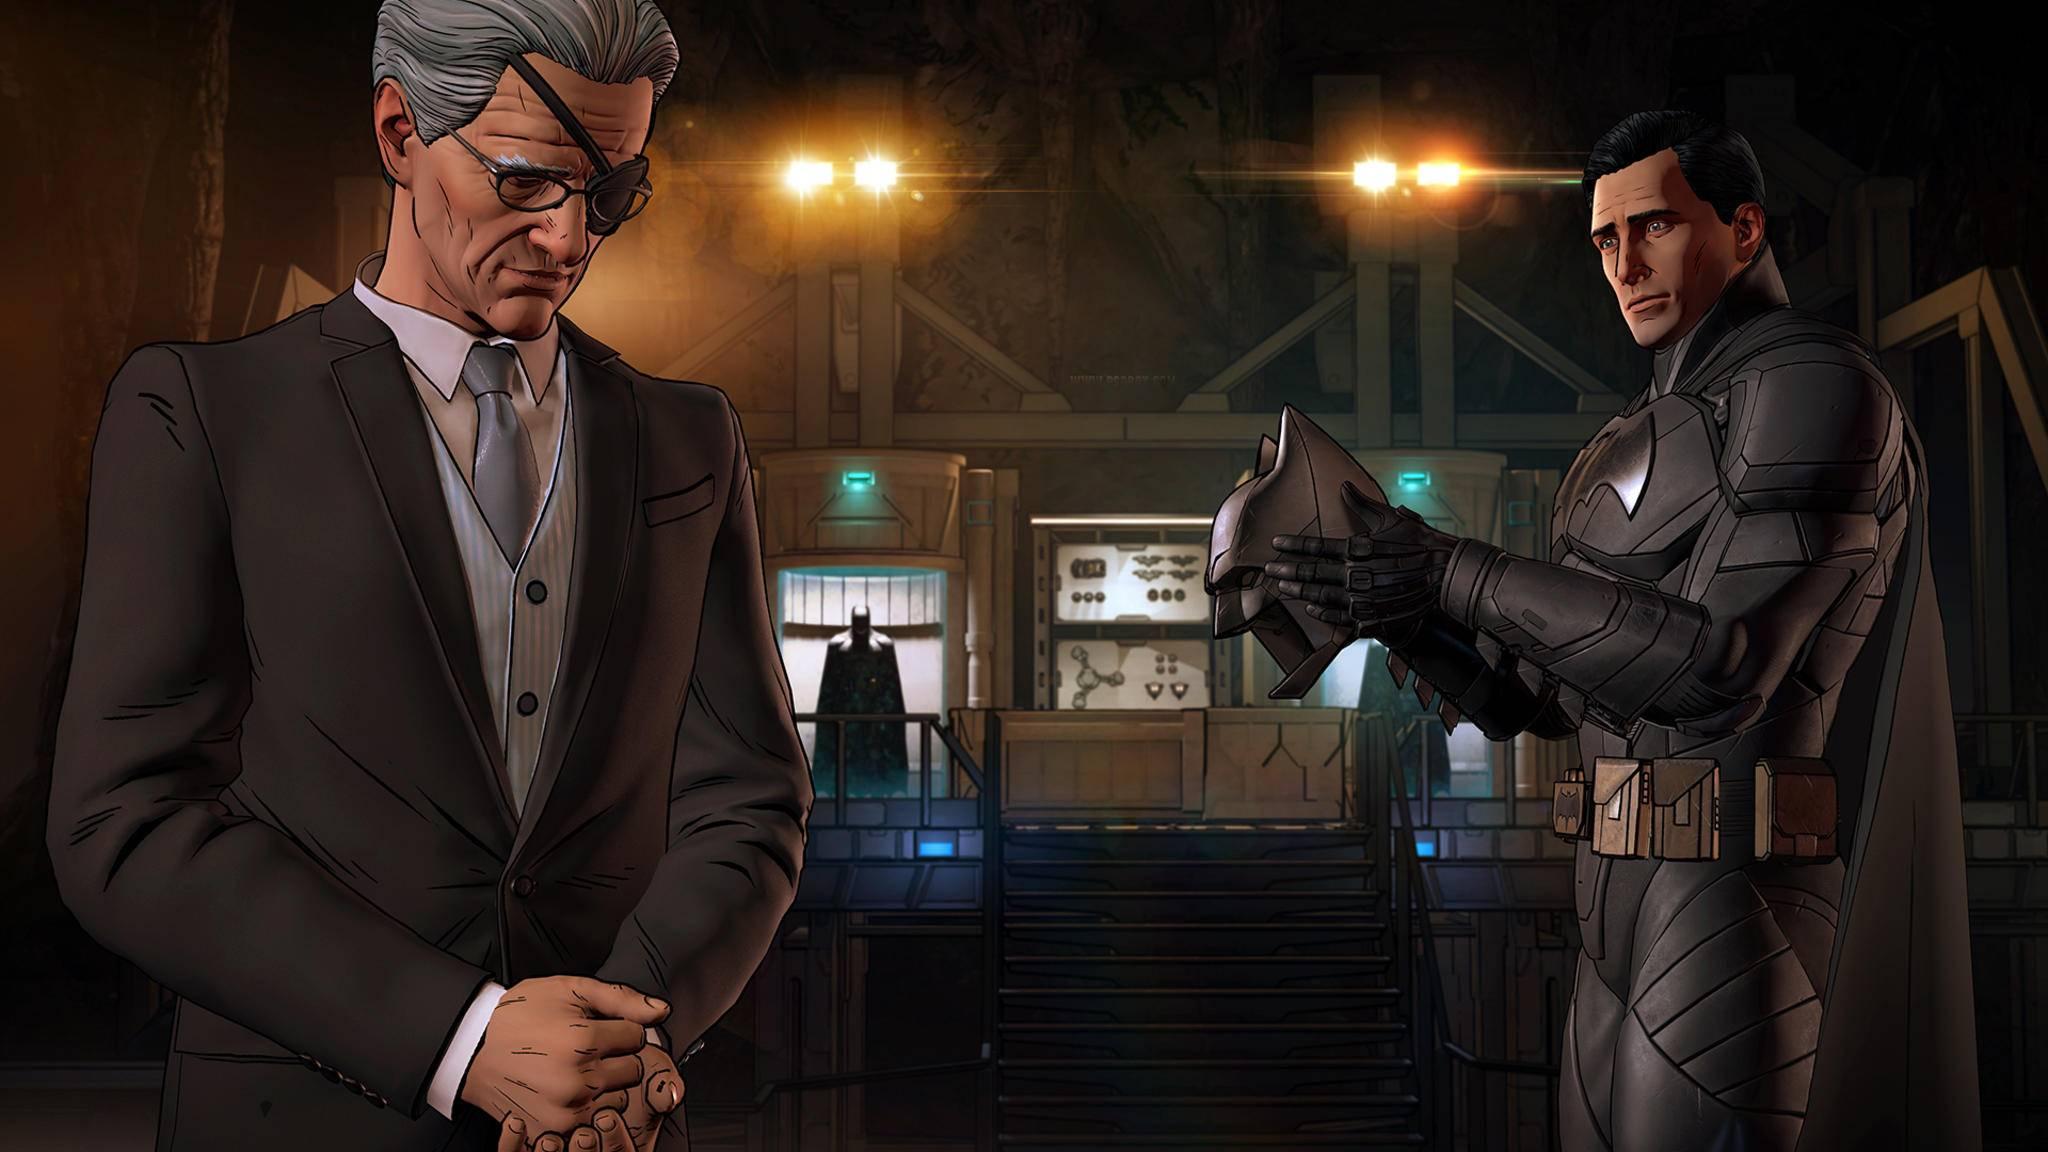 """Die Beziehungen zu den eigenen Verbündeten wie Alfred spielen in """"Batman: Enemy Within"""" eine wichtige Rolle."""